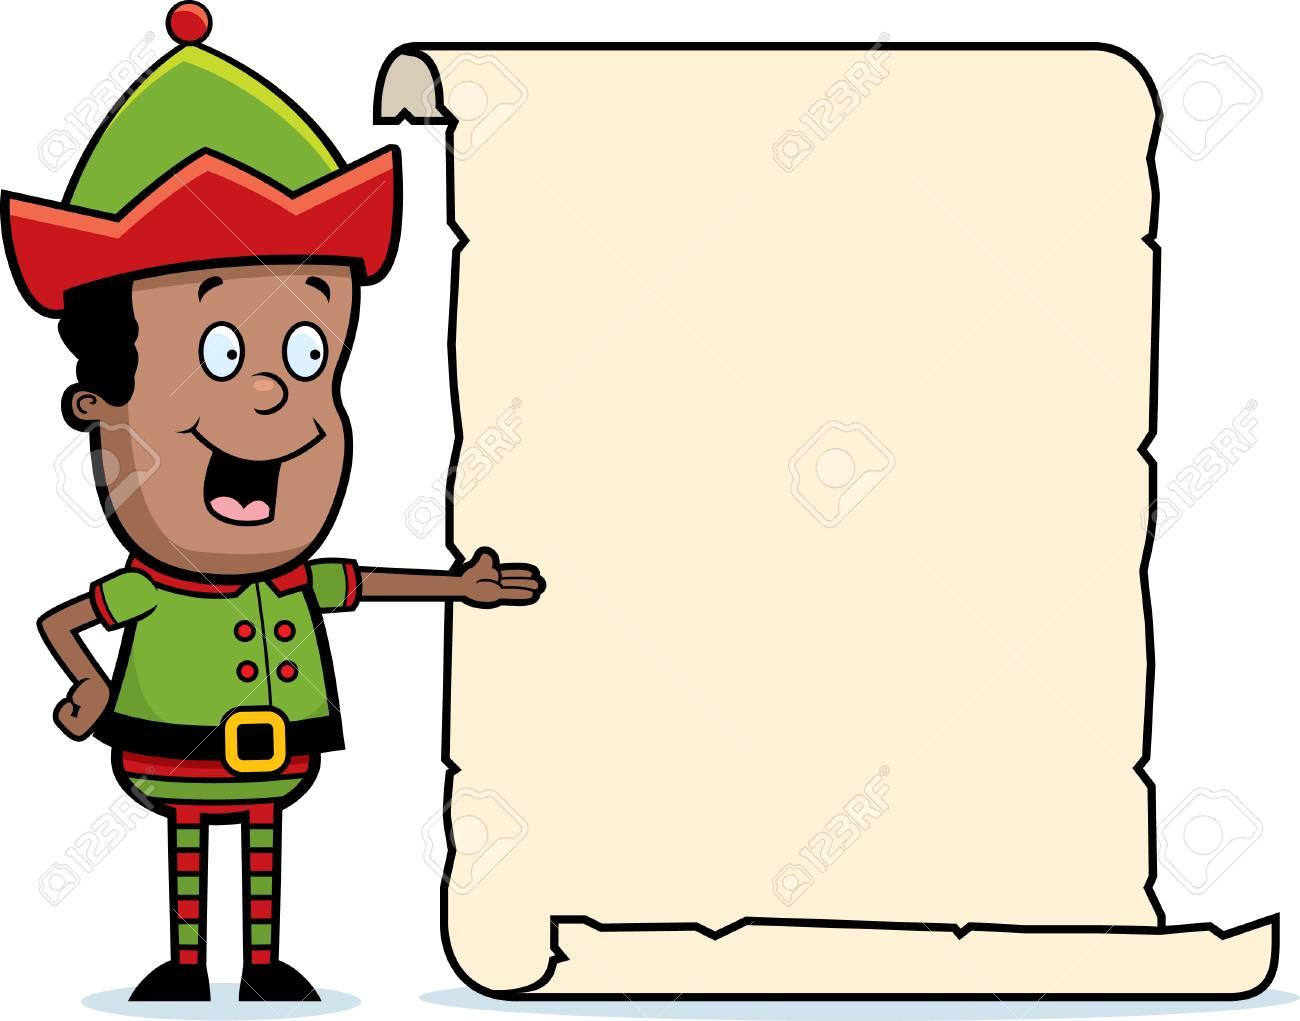 Un Dessin Animé Lutin De Noël Heureux Avec Une Liste. destiné Dessiner Un Lutin